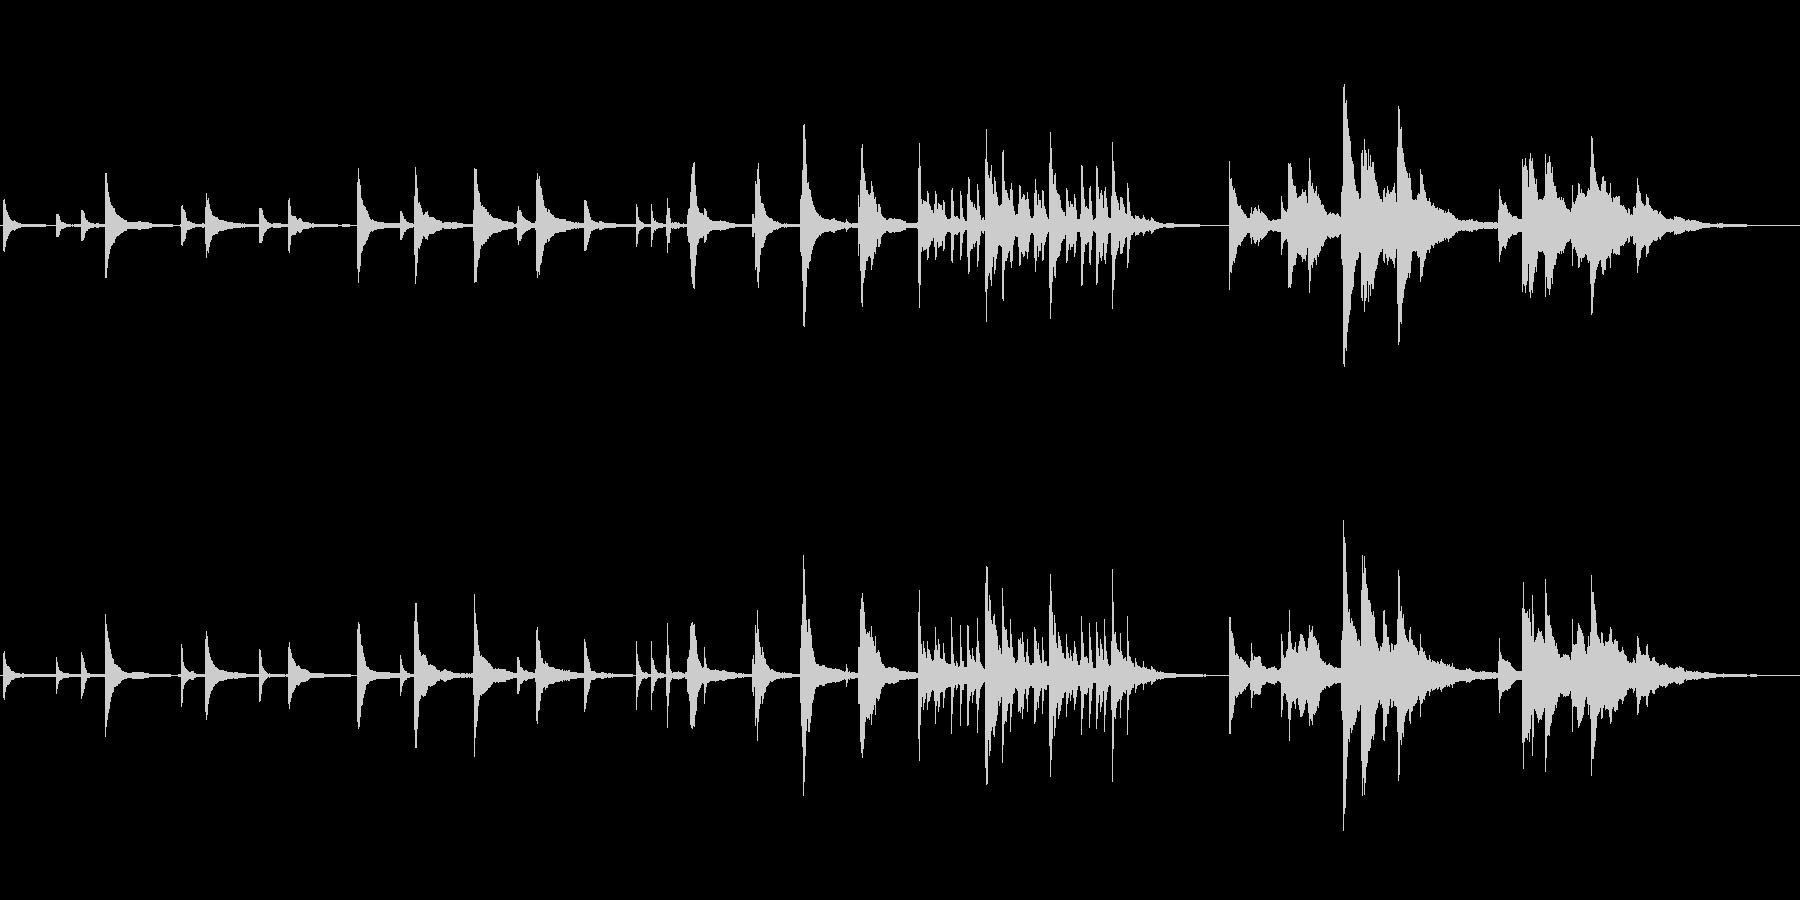 赤ちゃんの誕生シーン向け ■ ピアノソロの未再生の波形